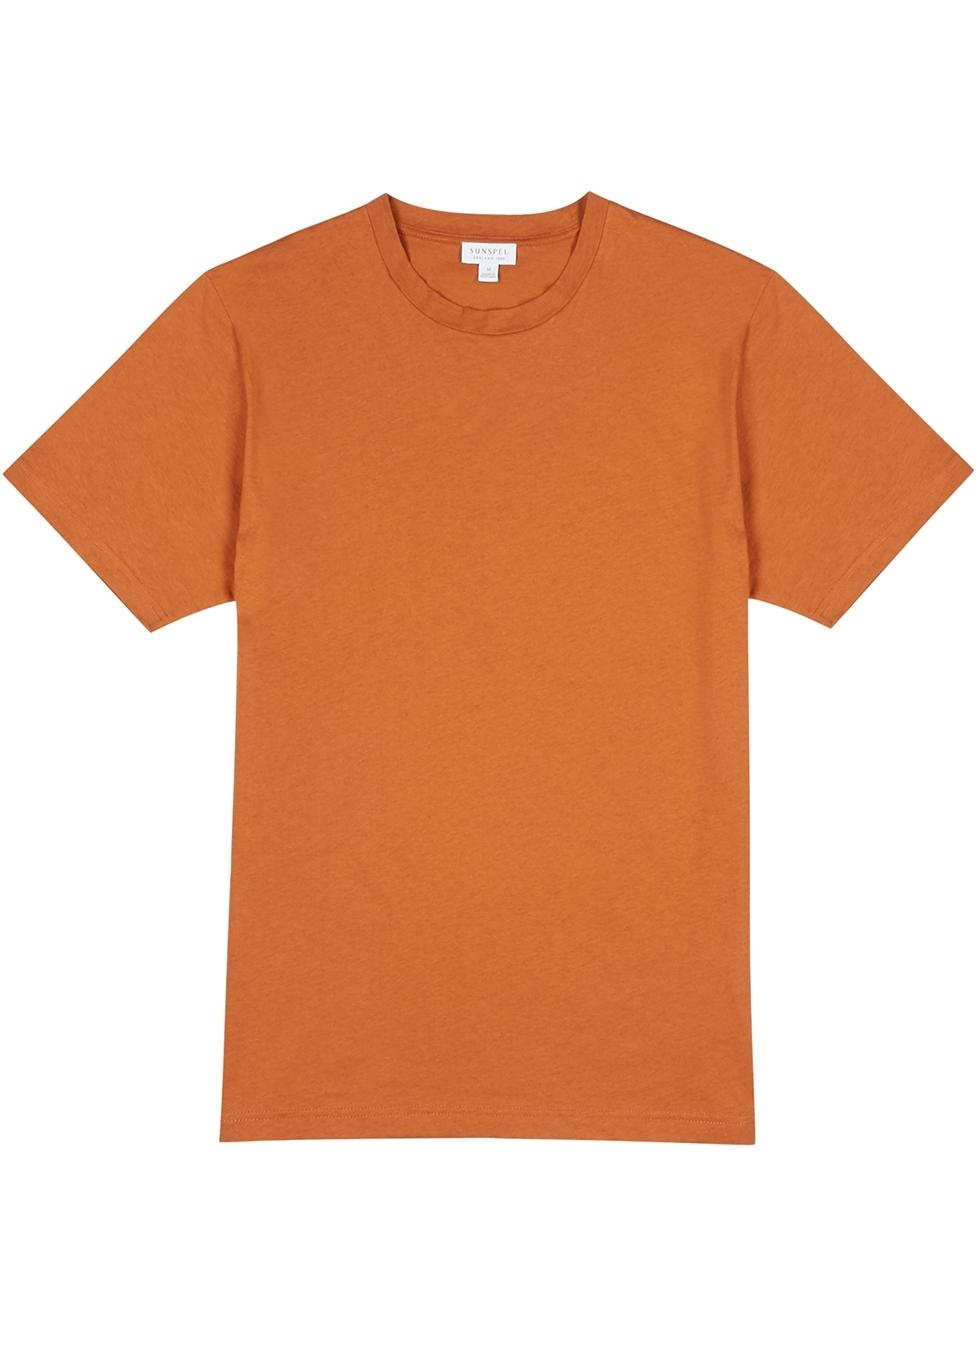 21aa197f1e9b T-shirts & Vests - Harvey Nichols